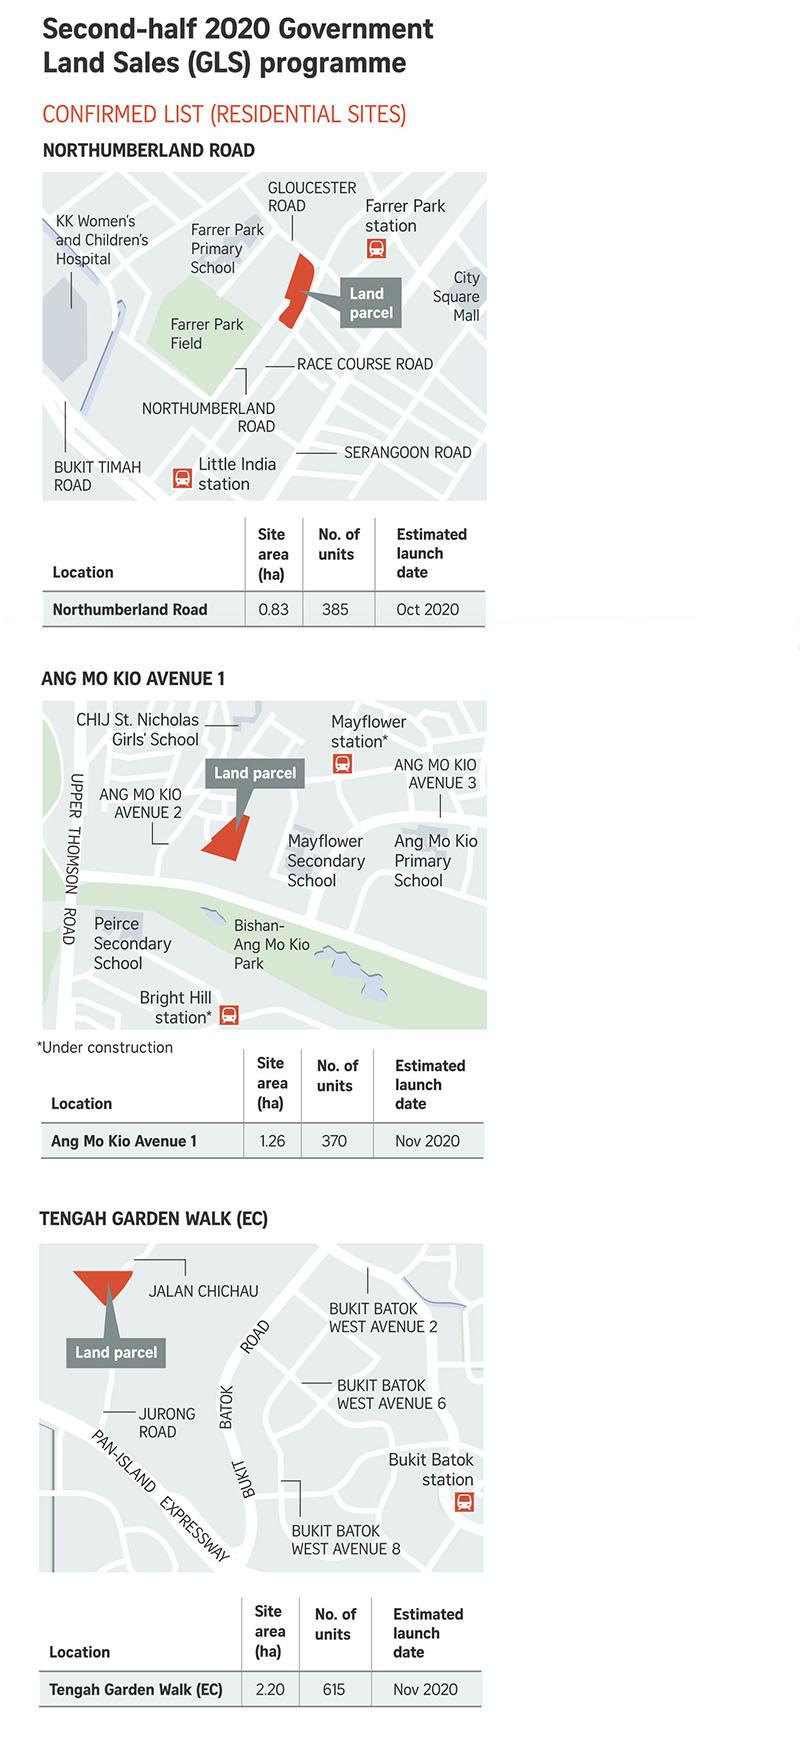 Pasir Ris 8 - News 240620 Part 3